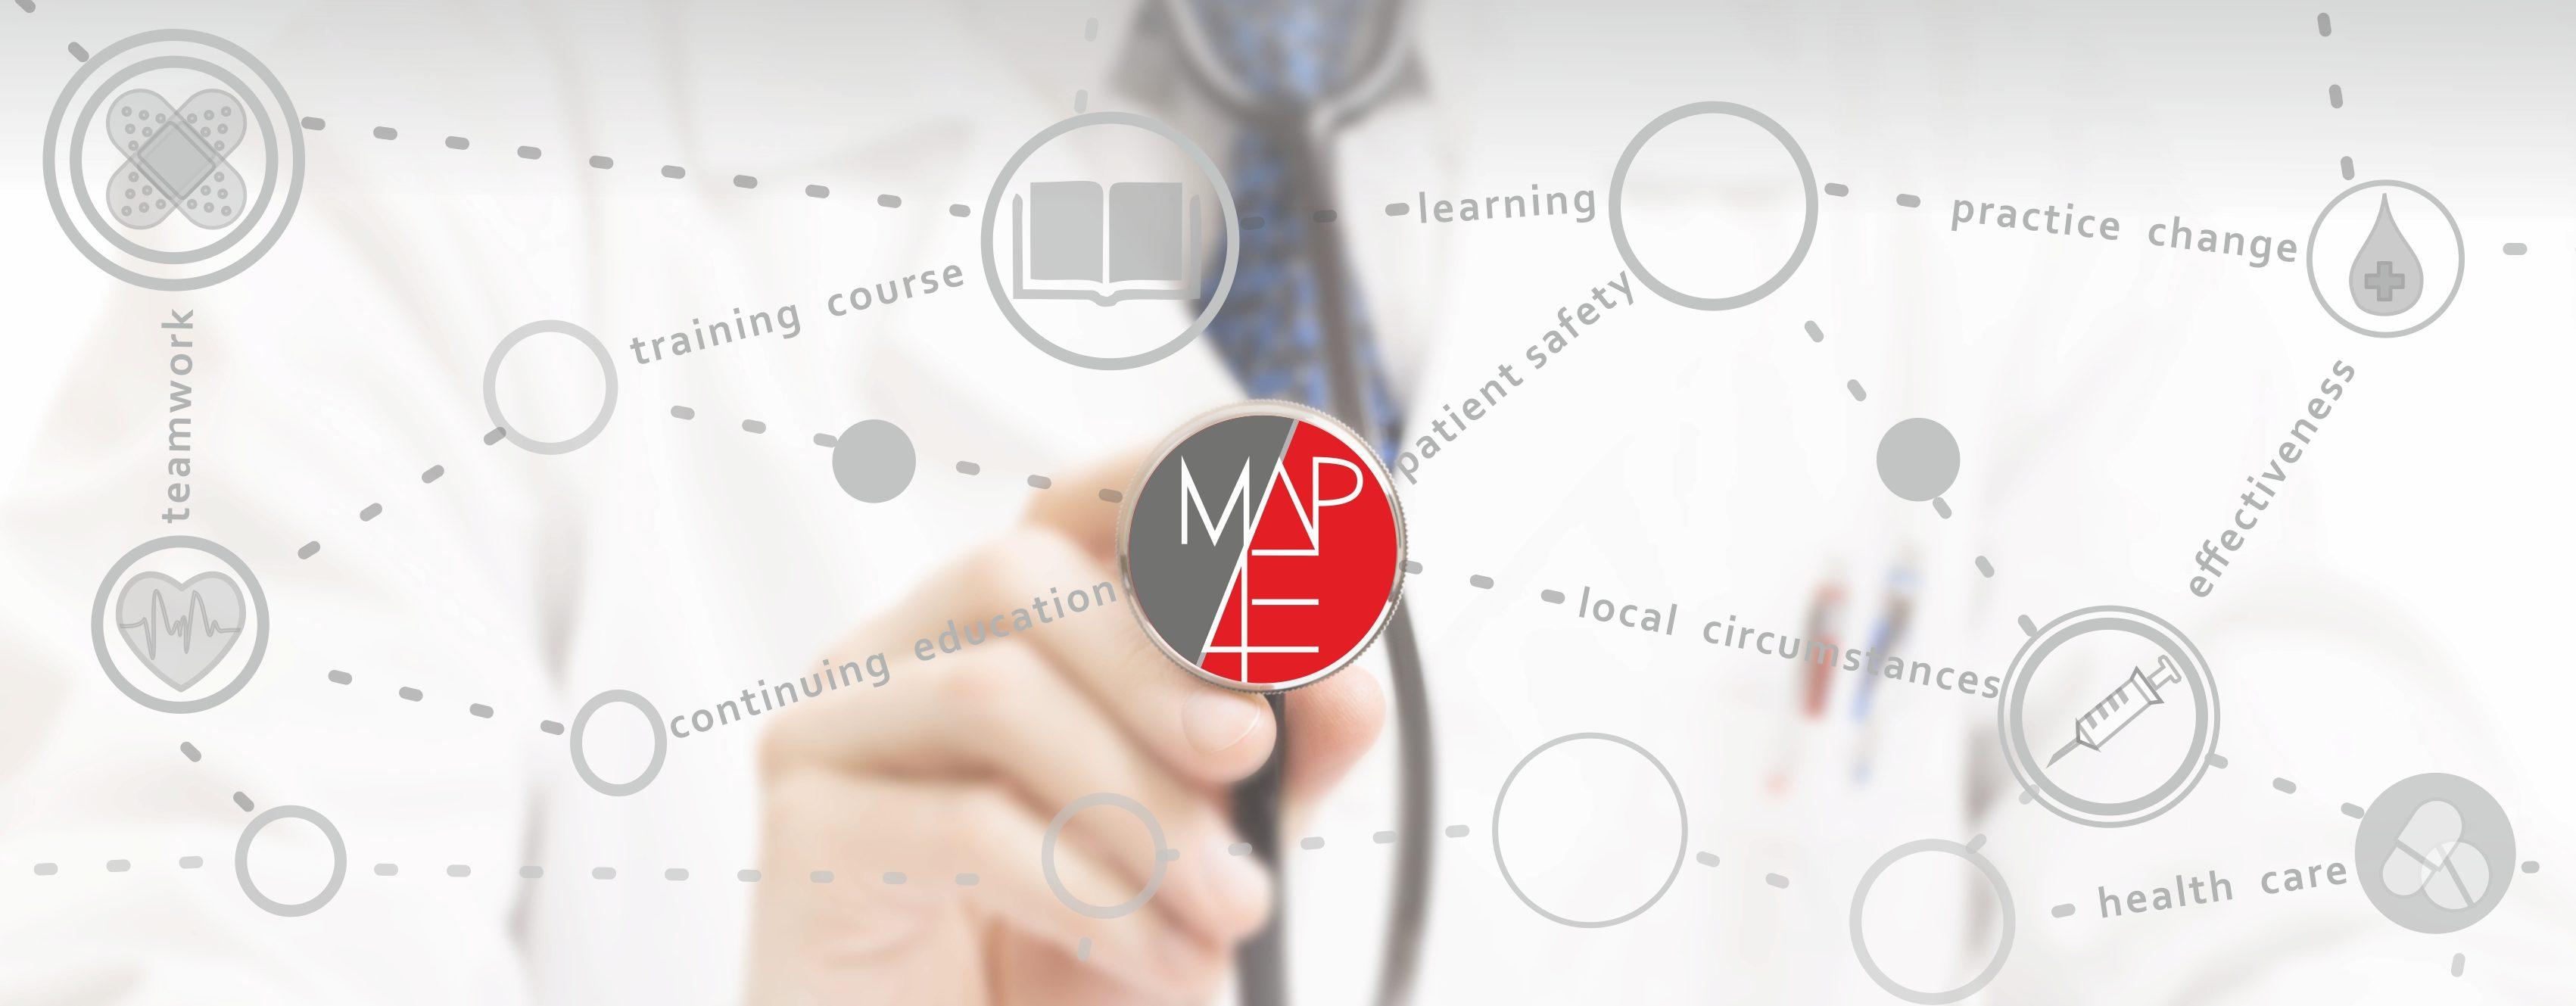 MAP4E